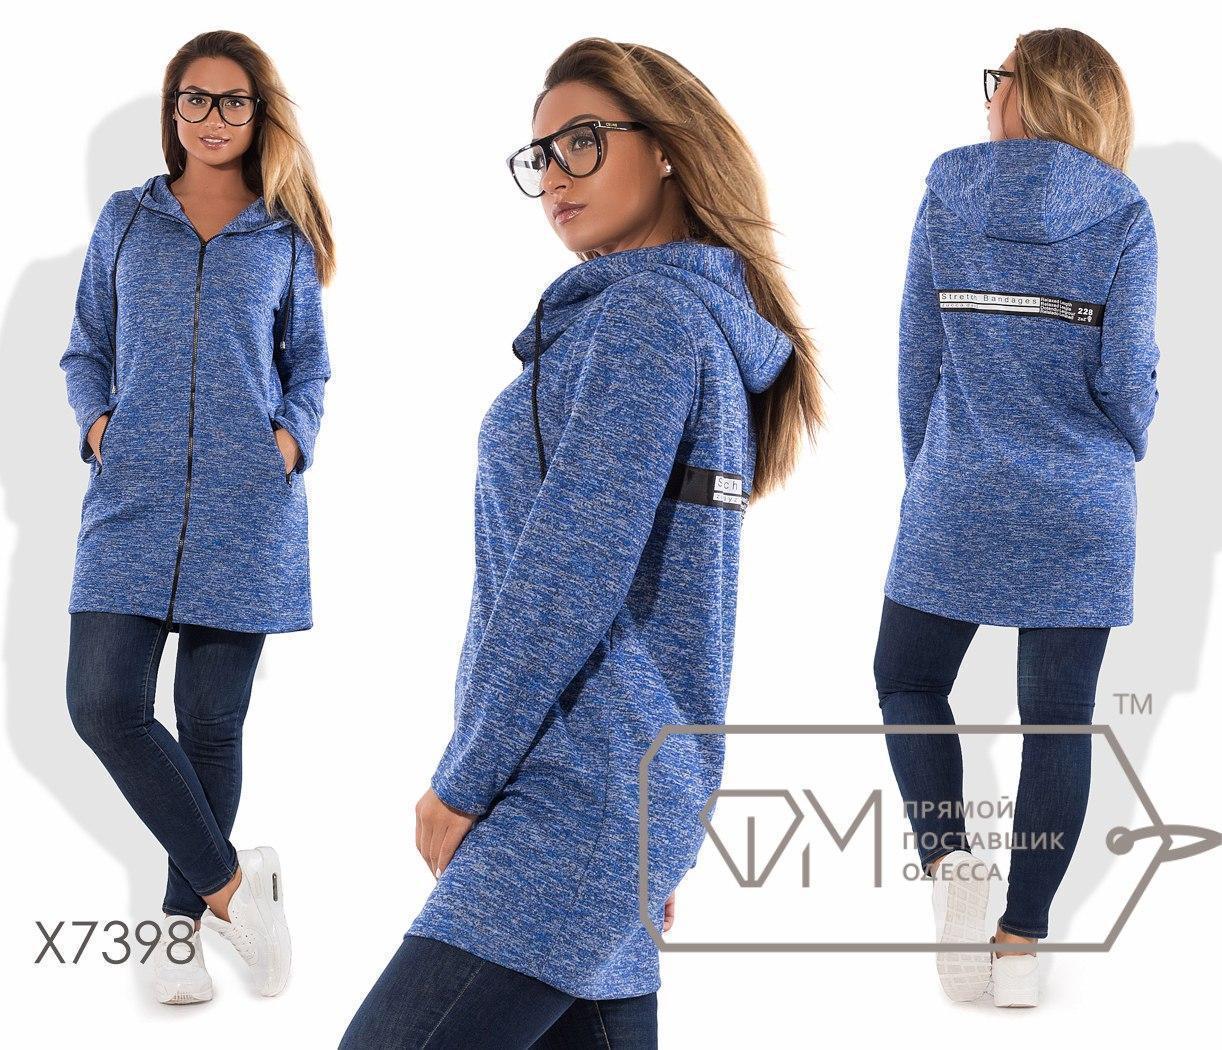 Женская удлиненная кофта большого размера на молнии fmx7398